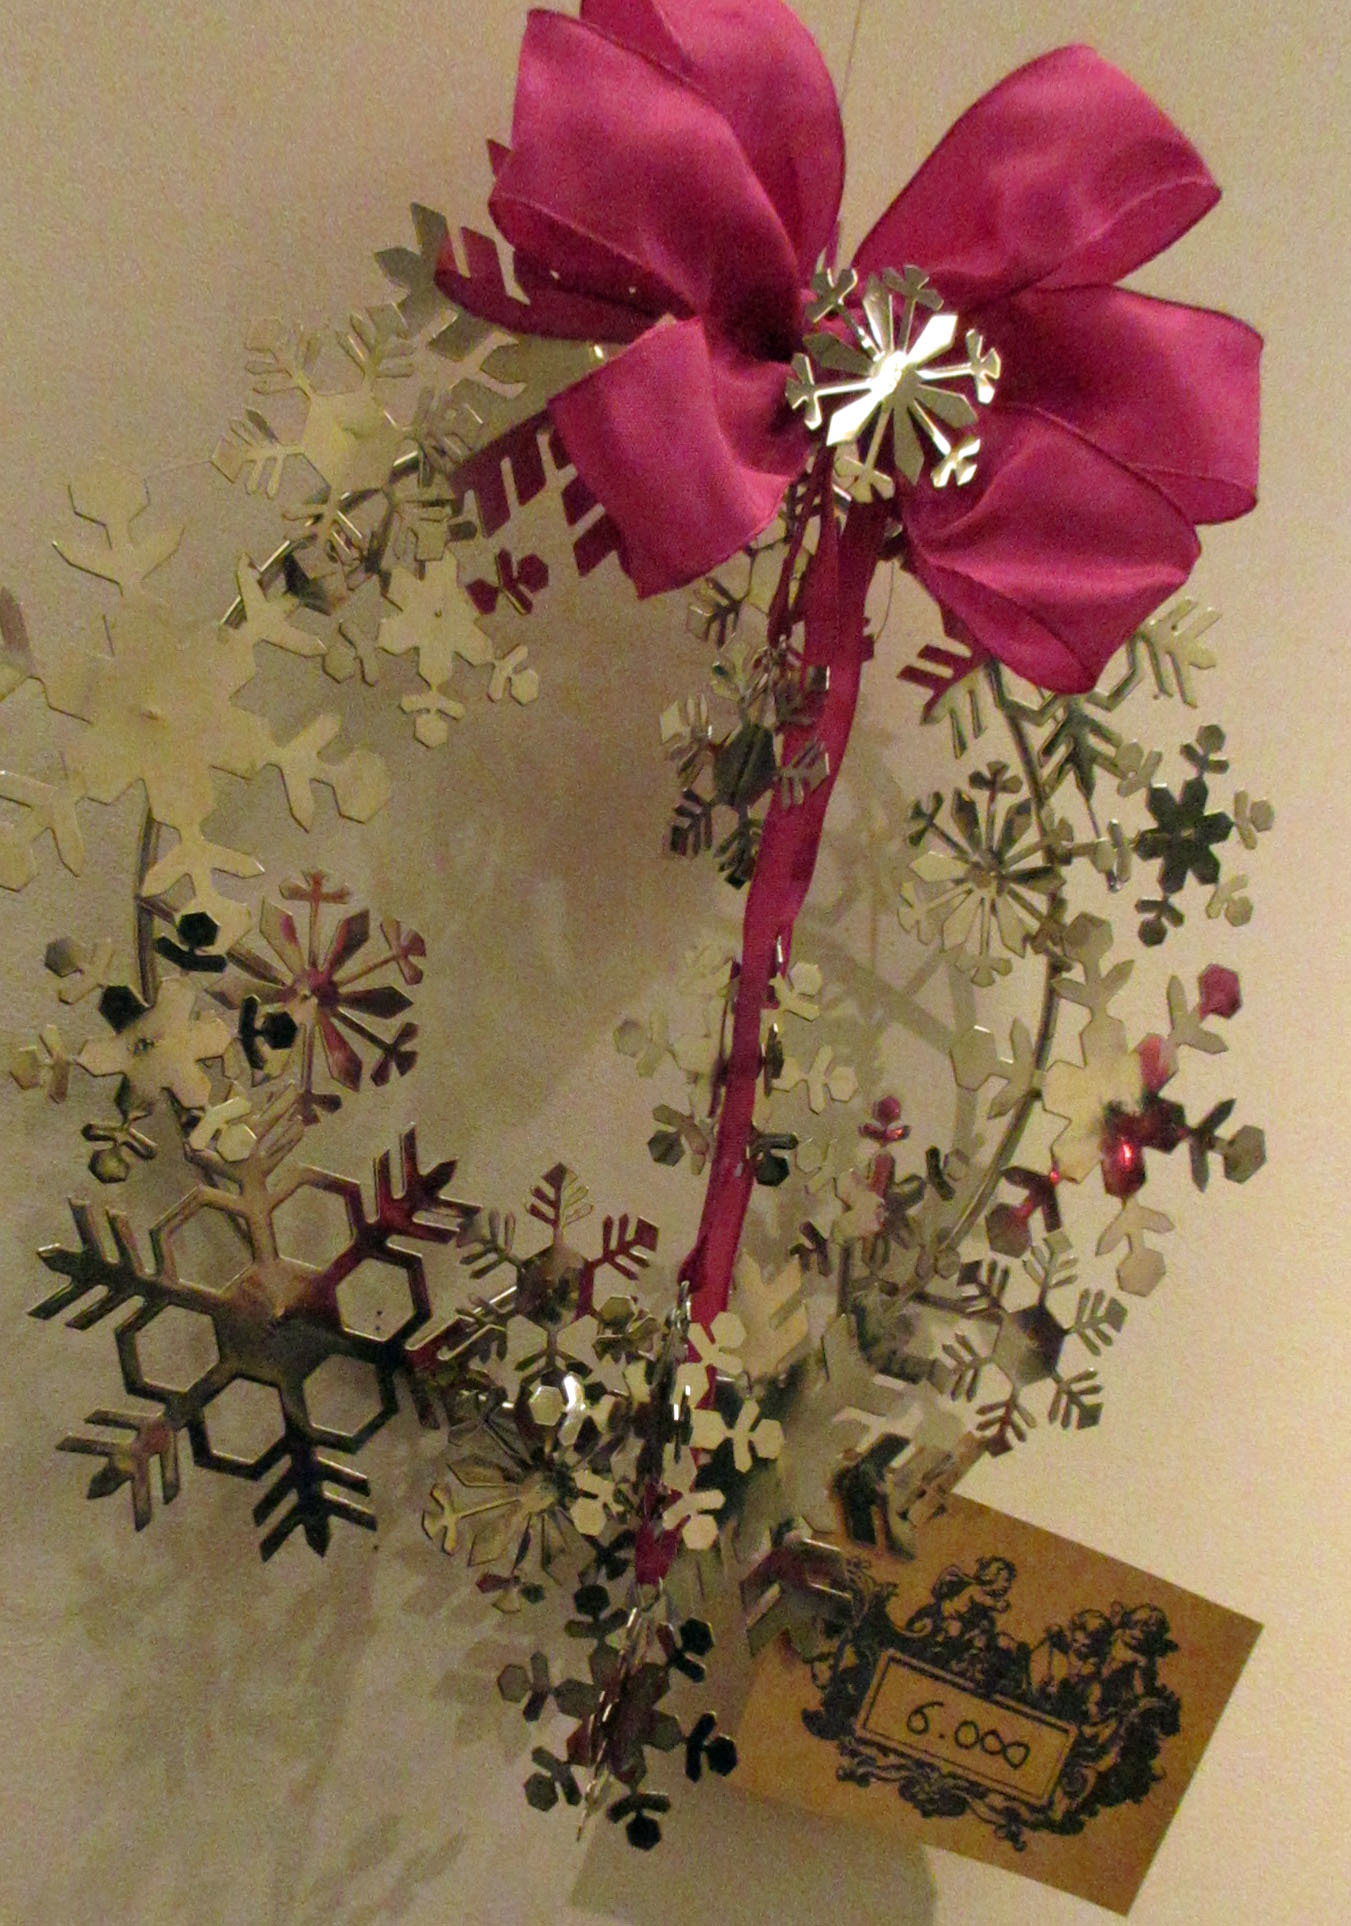 ちょっと早めのクリスマス気分。リース;にもみの木&オーナメント_e0341401_01032827.jpg